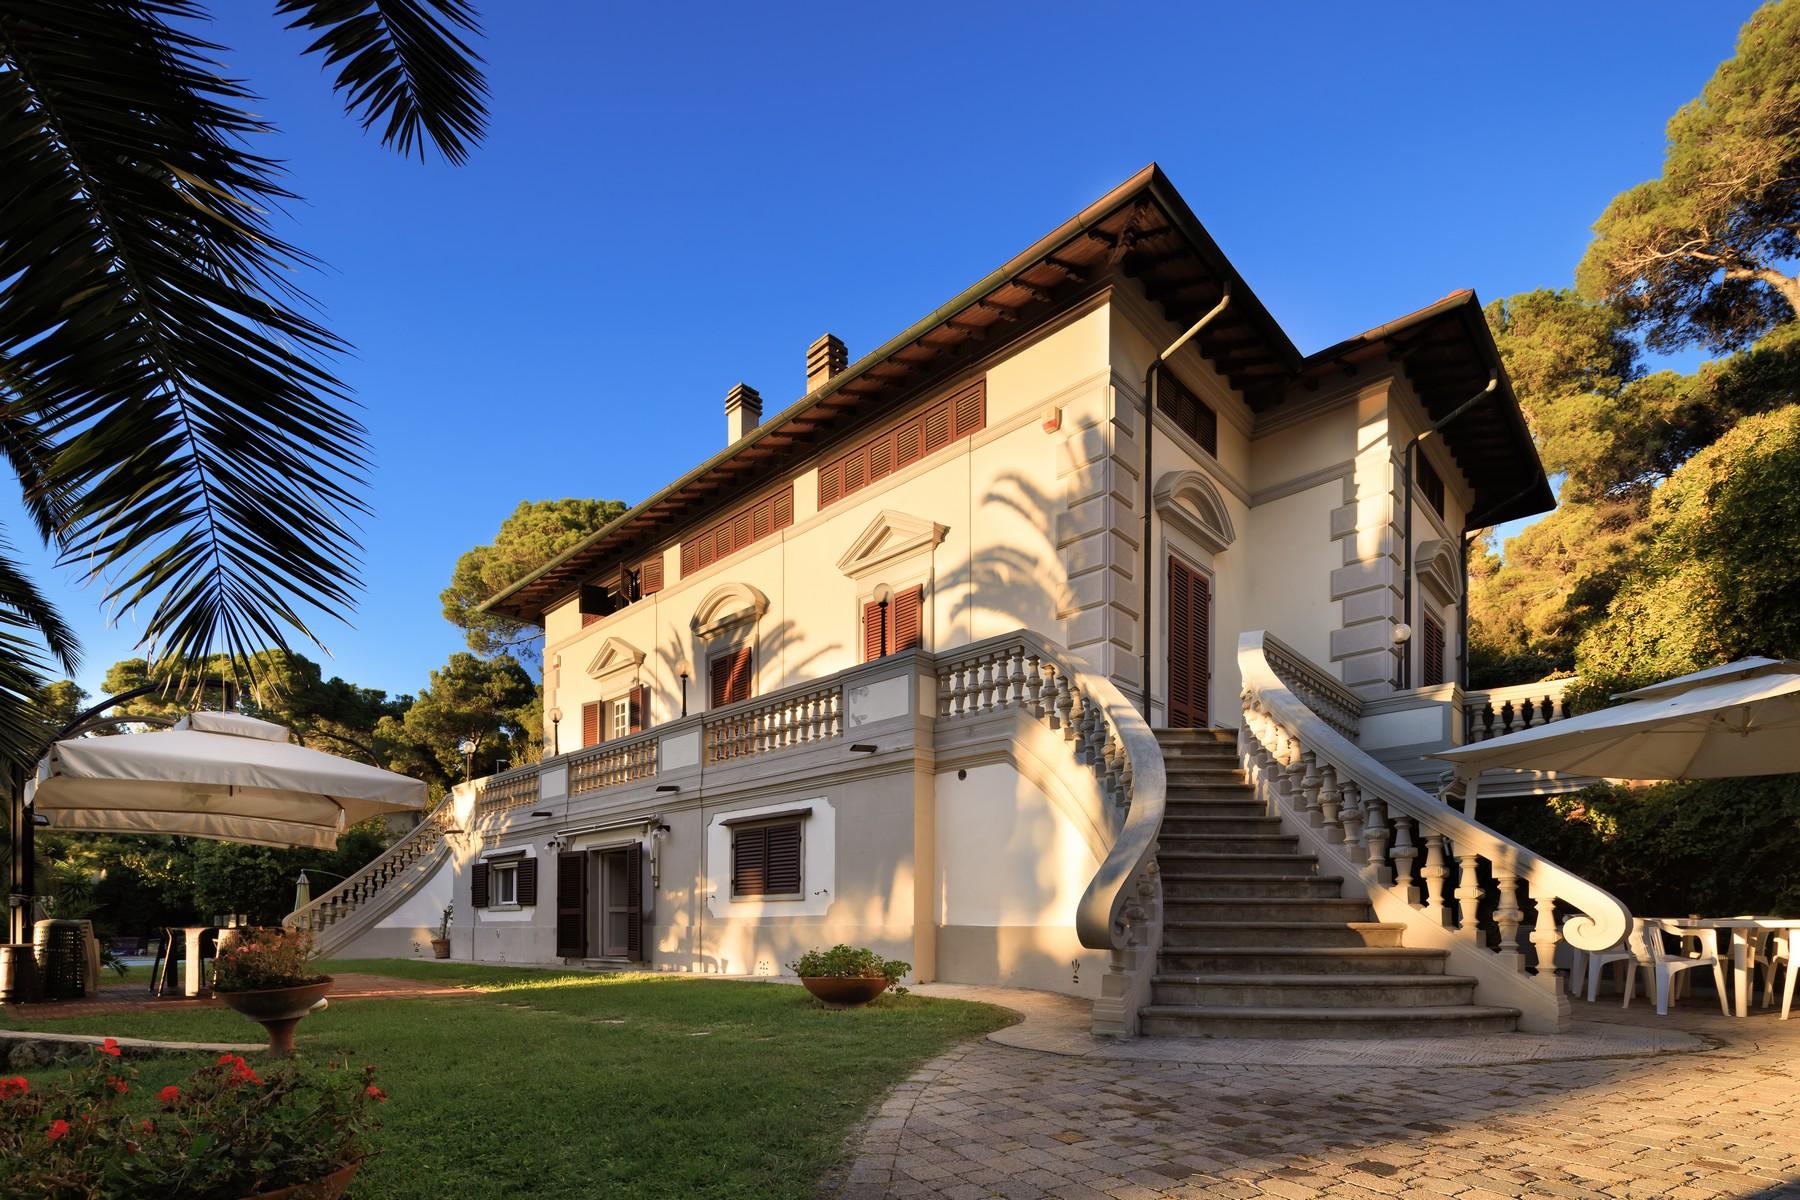 Single Family Home for Sale at Beautiful villa steps away from the sea Via Benvenuti Castiglioncello, Livorno 57016 Italy